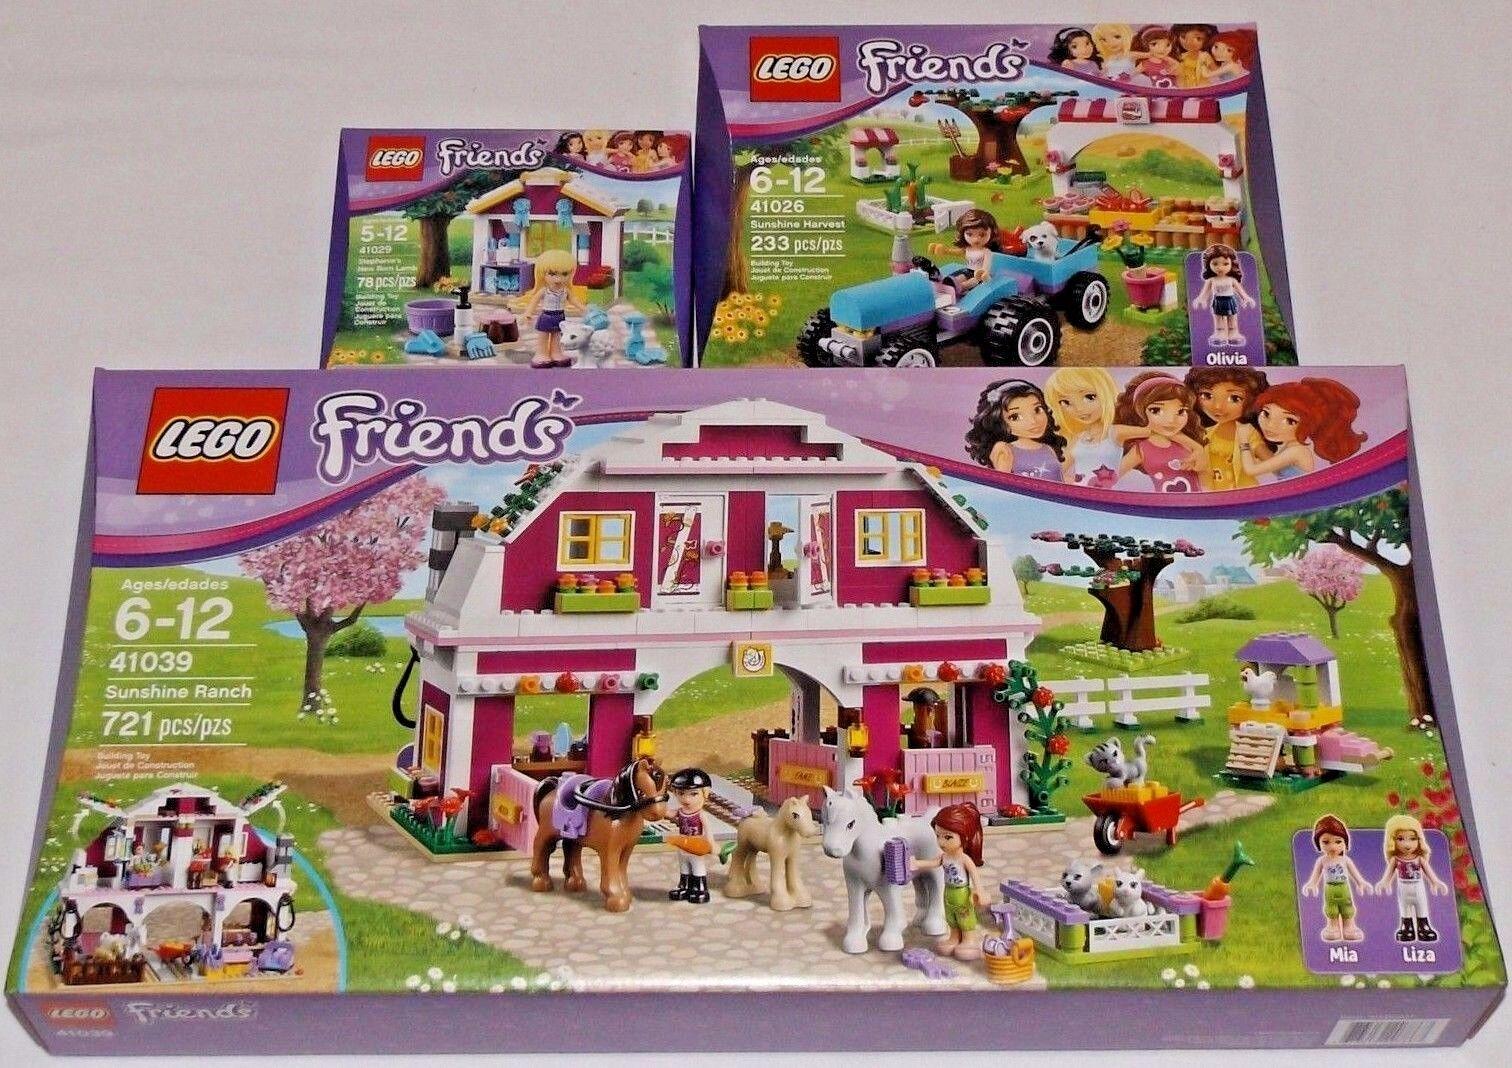 Lego Friends El Sol Rancho cosecha Stephanie's Cordero Recién Nacido 41039 41026 41029